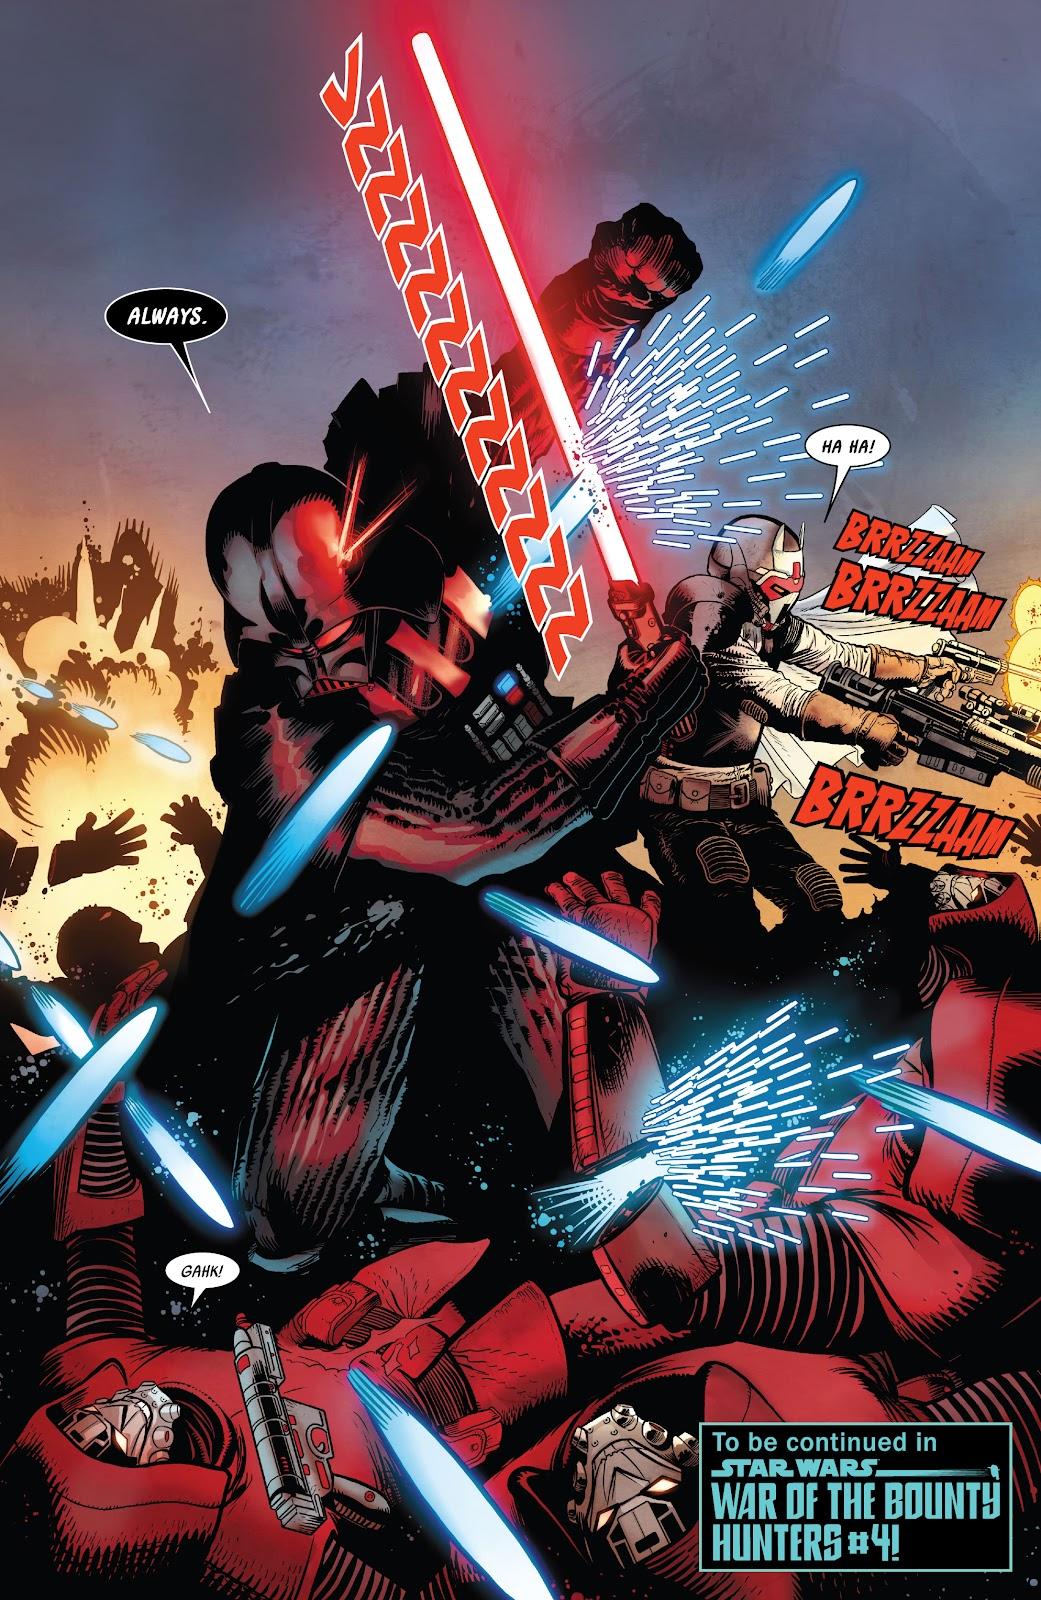 Star Wars Darth Vader Vol. 1 #15